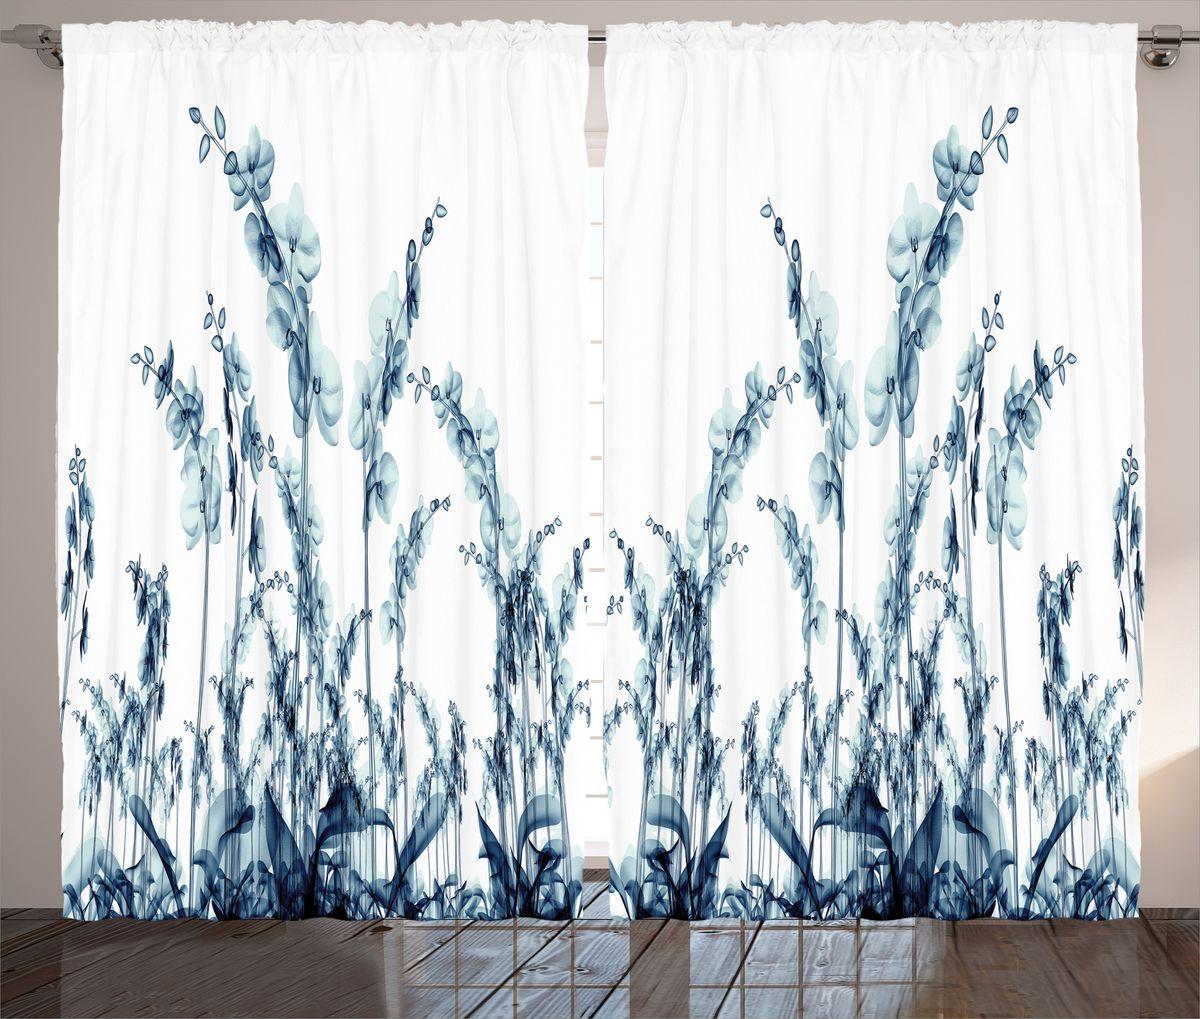 Комплект фотоштор Magic Lady Орхидеи из синего стекла, на ленте, высота 265 см. шсг_14471